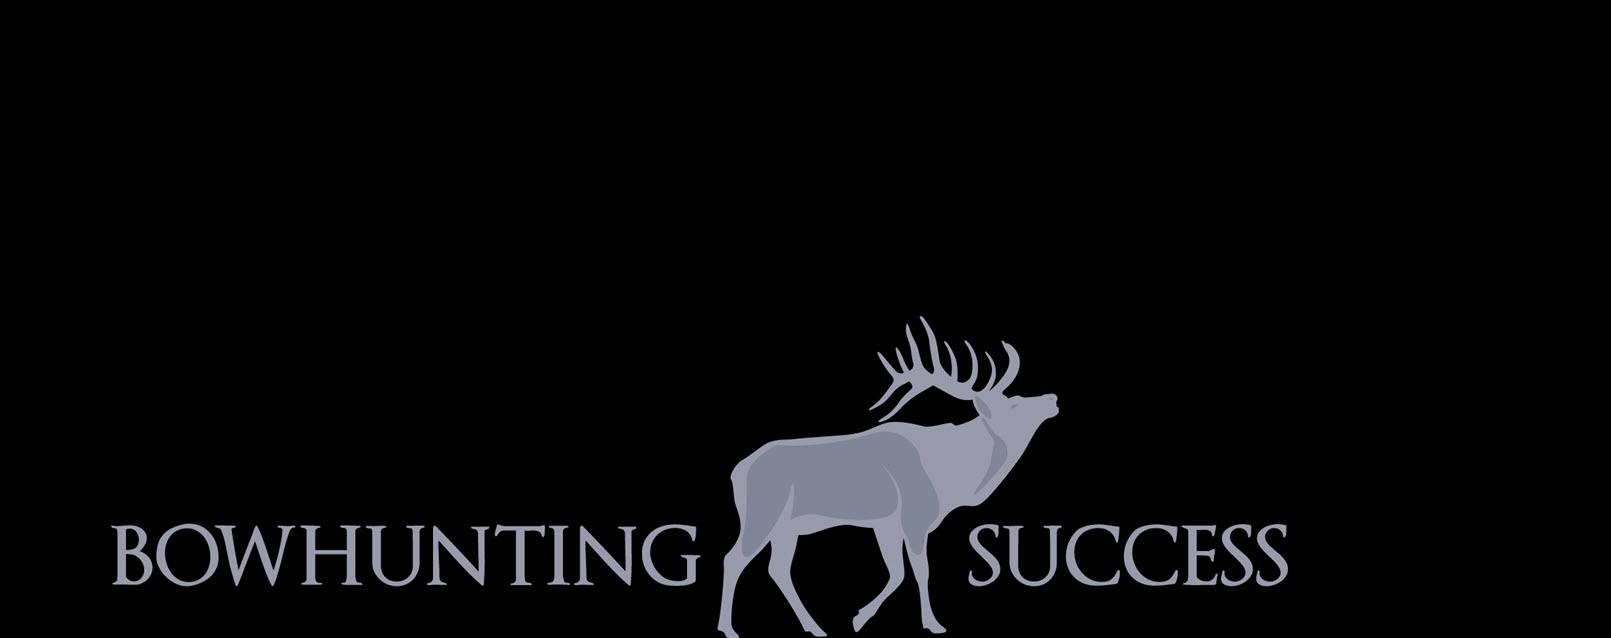 Bowhunting Success